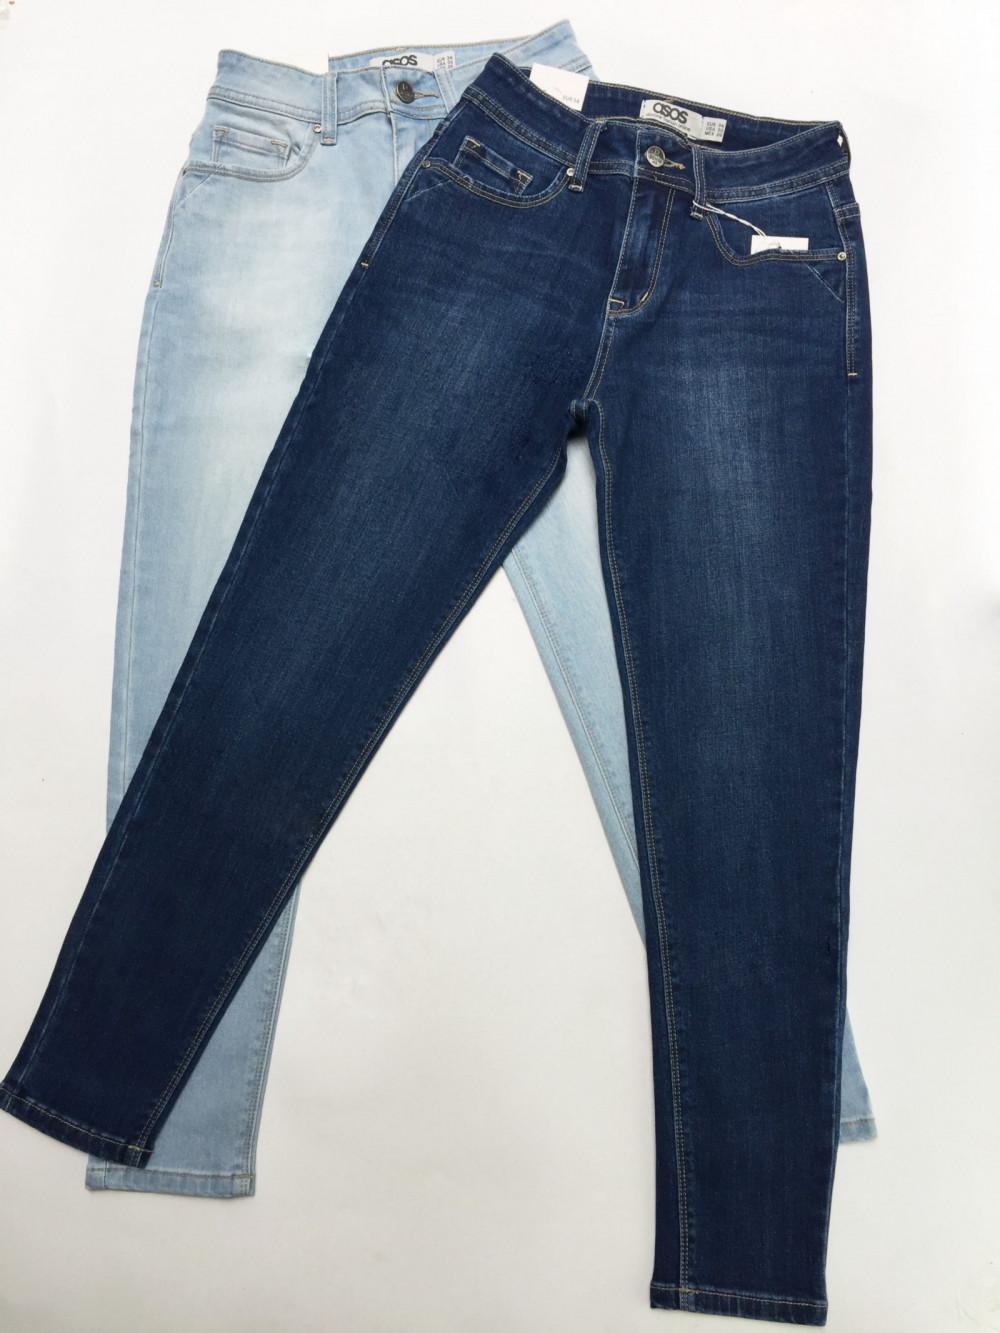 Xưởng bỏ sỉ quần jean nữ uy tín tphcm - 6